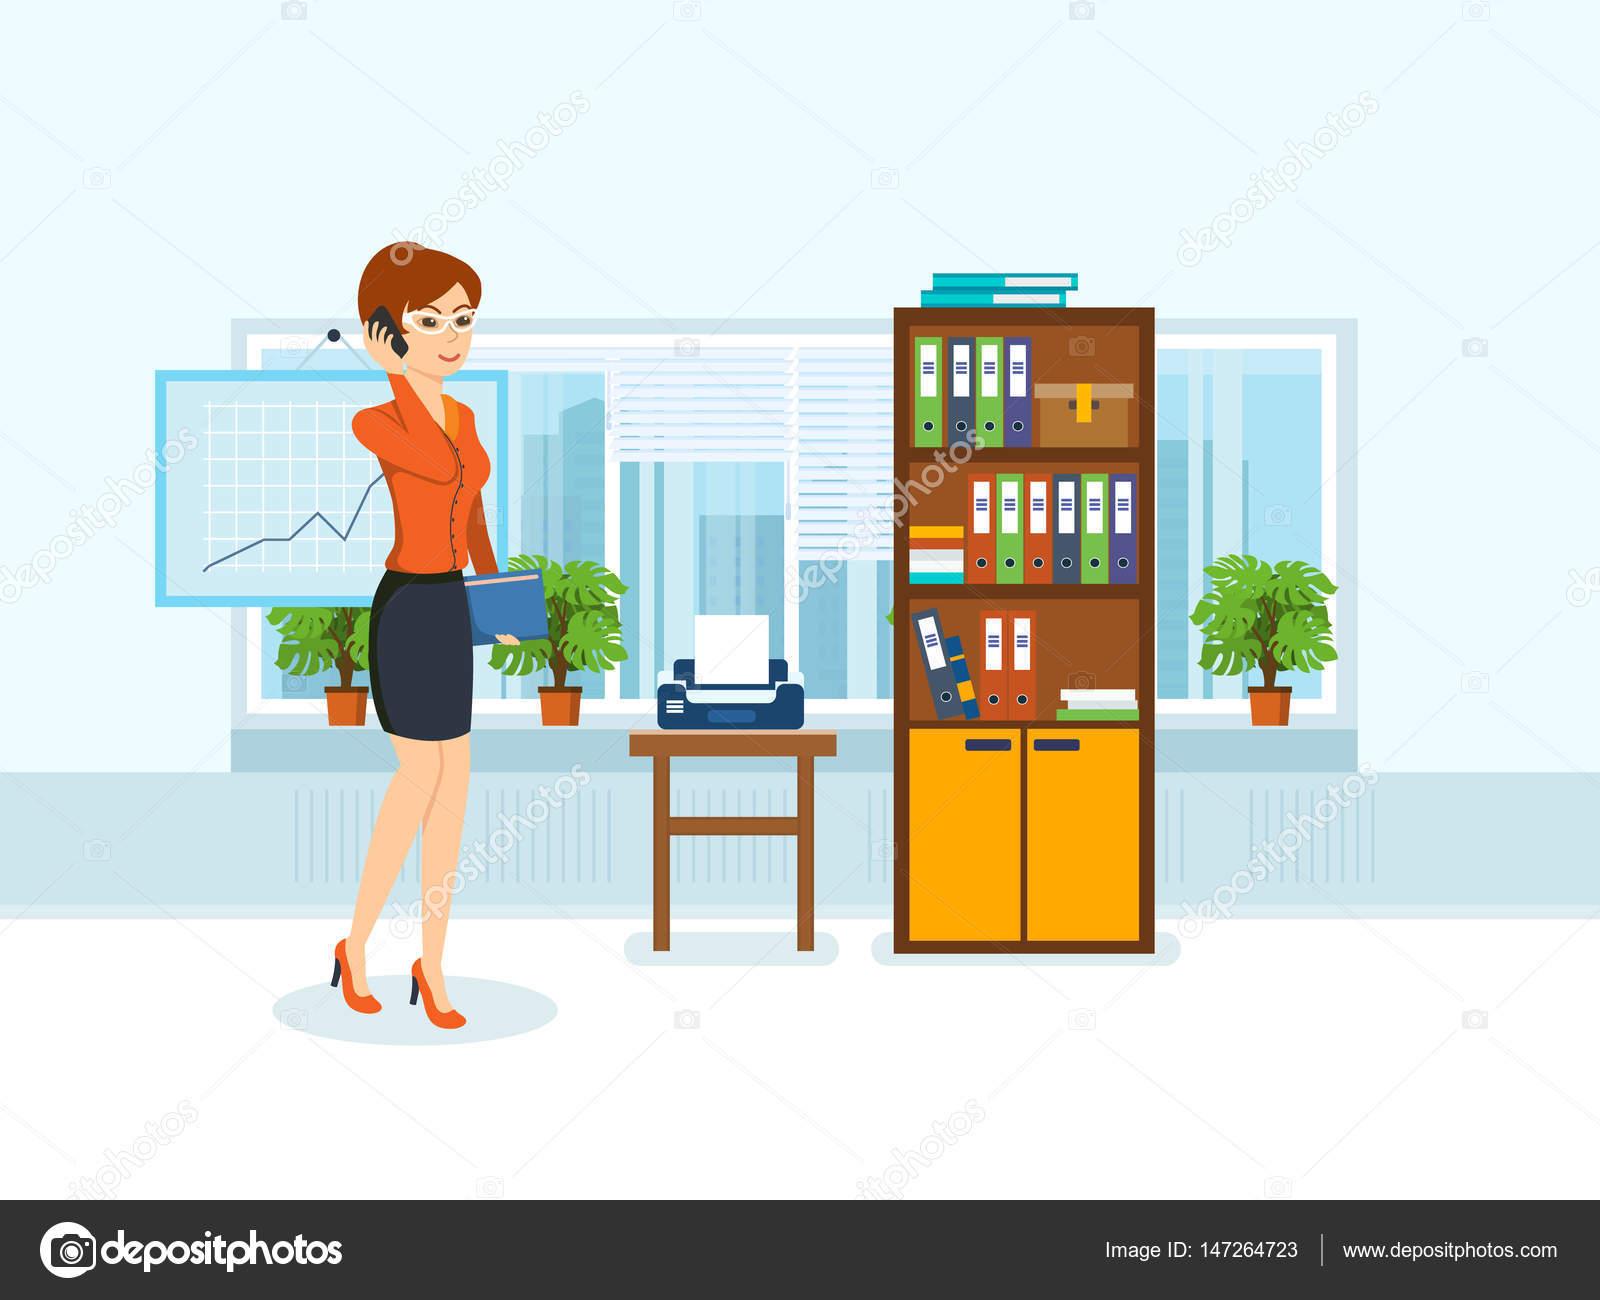 Arbeiter, Arbeit, am Telefon reden löst Probleme mit Kunden ...